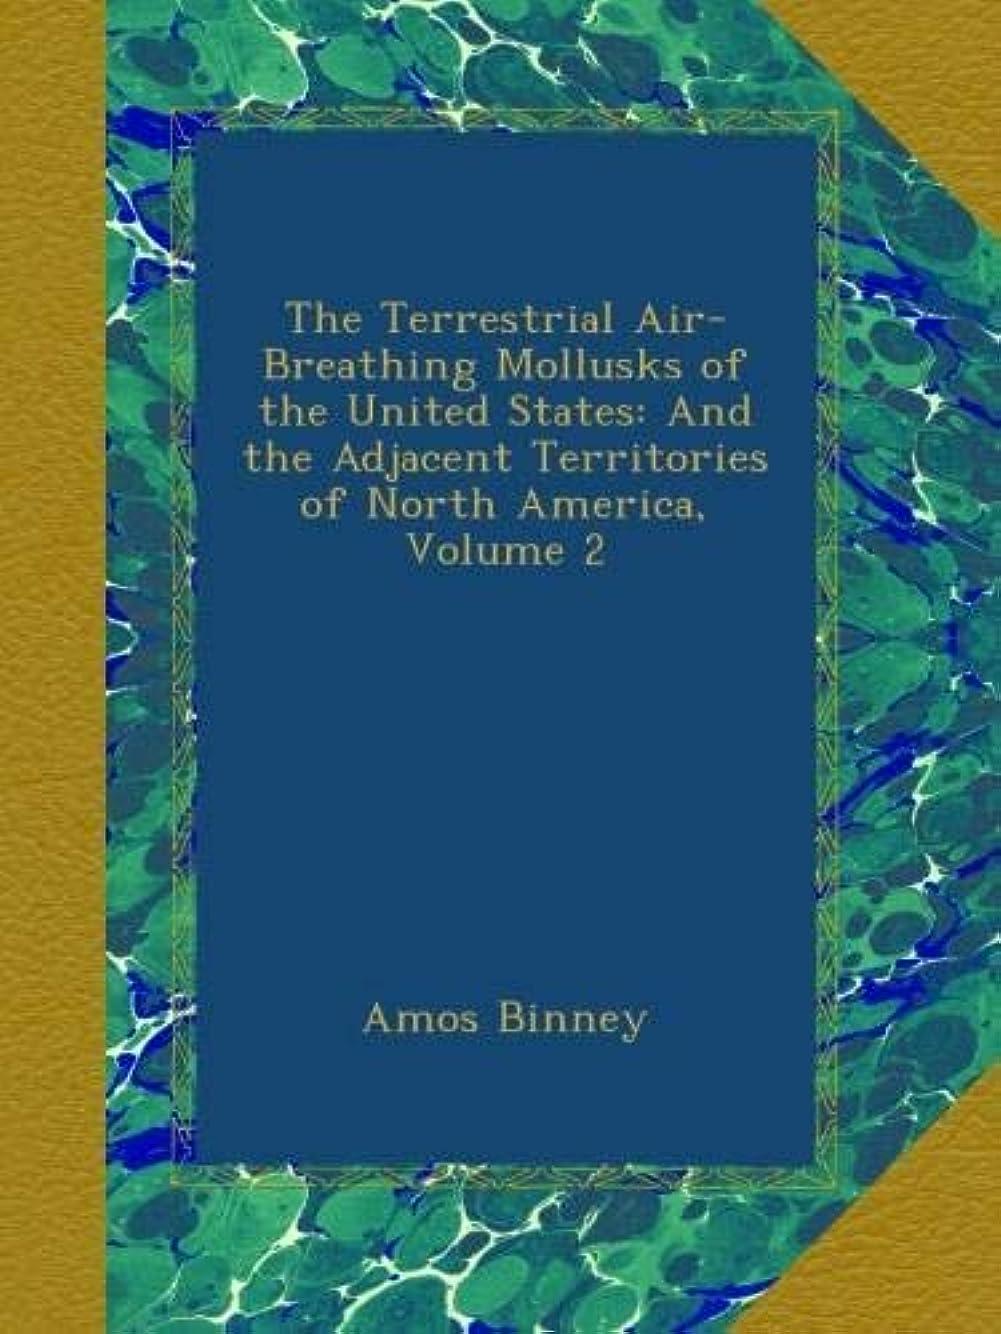 震え研磨剤残高The Terrestrial Air-Breathing Mollusks of the United States: And the Adjacent Territories of North America, Volume 2